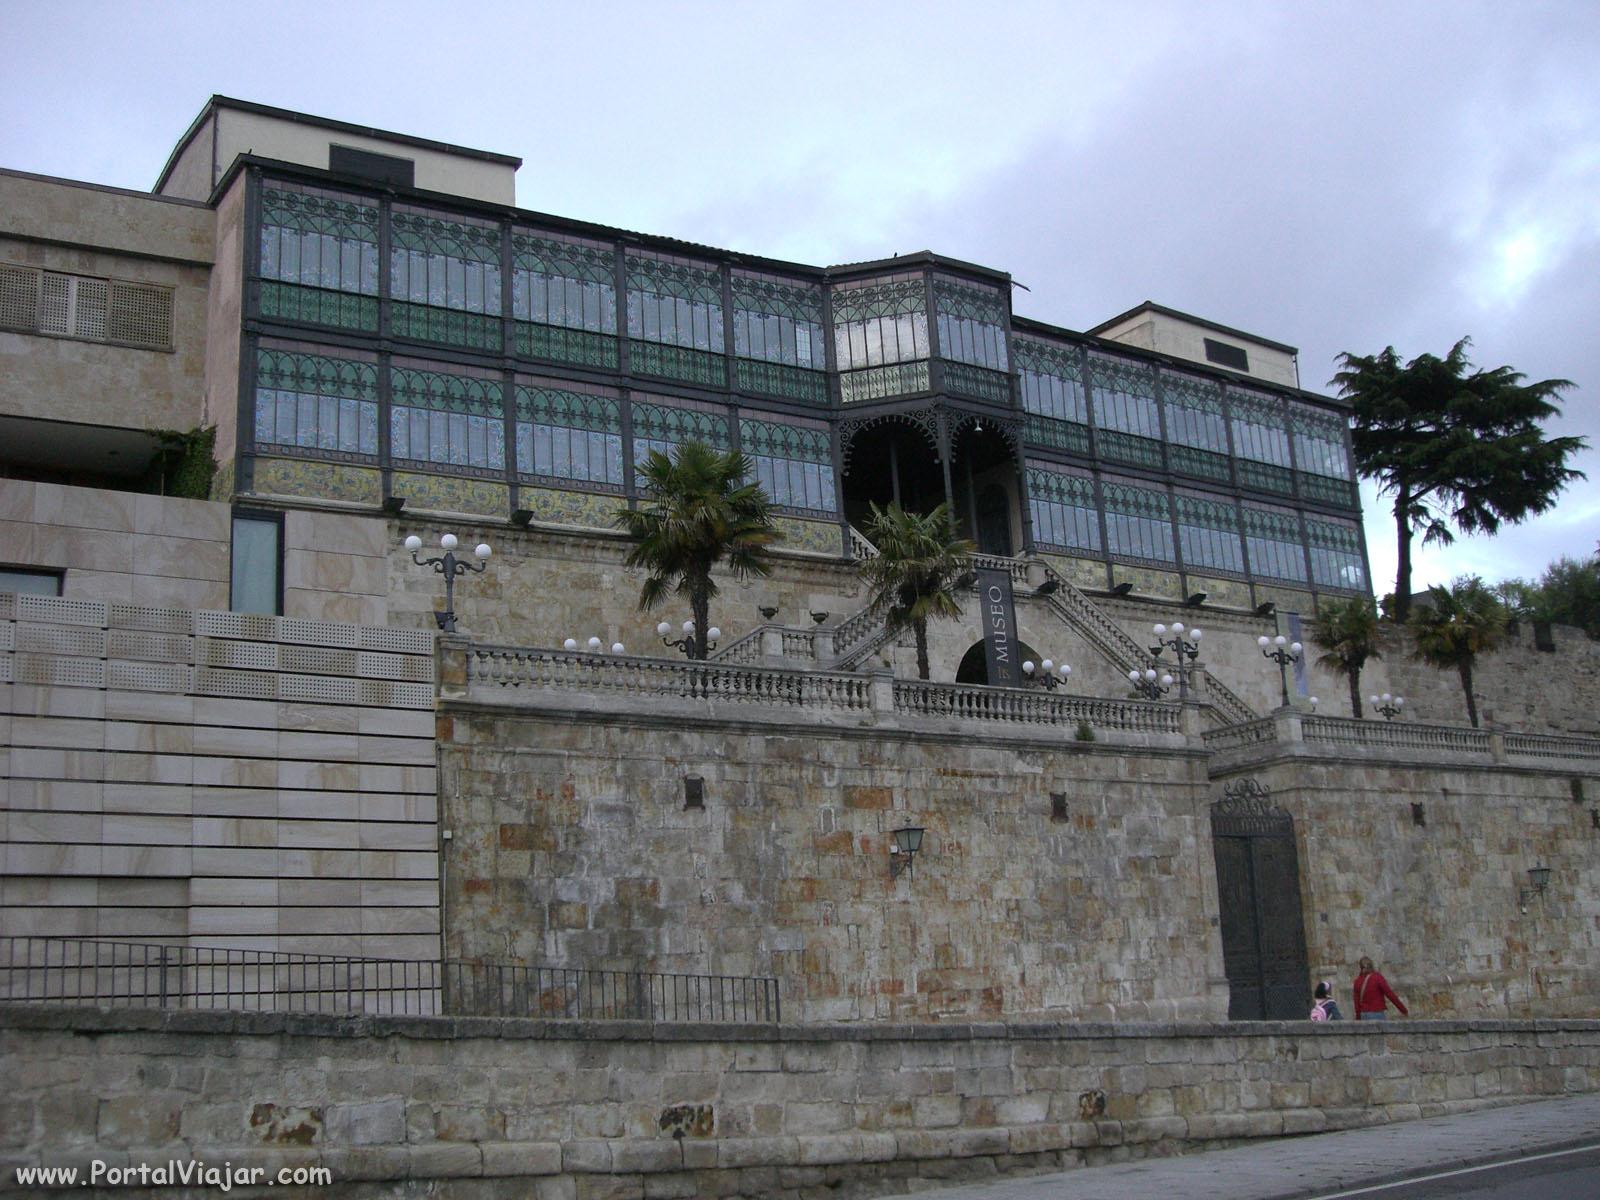 Museos de salamanca portal viajar - La casa lis de salamanca ...